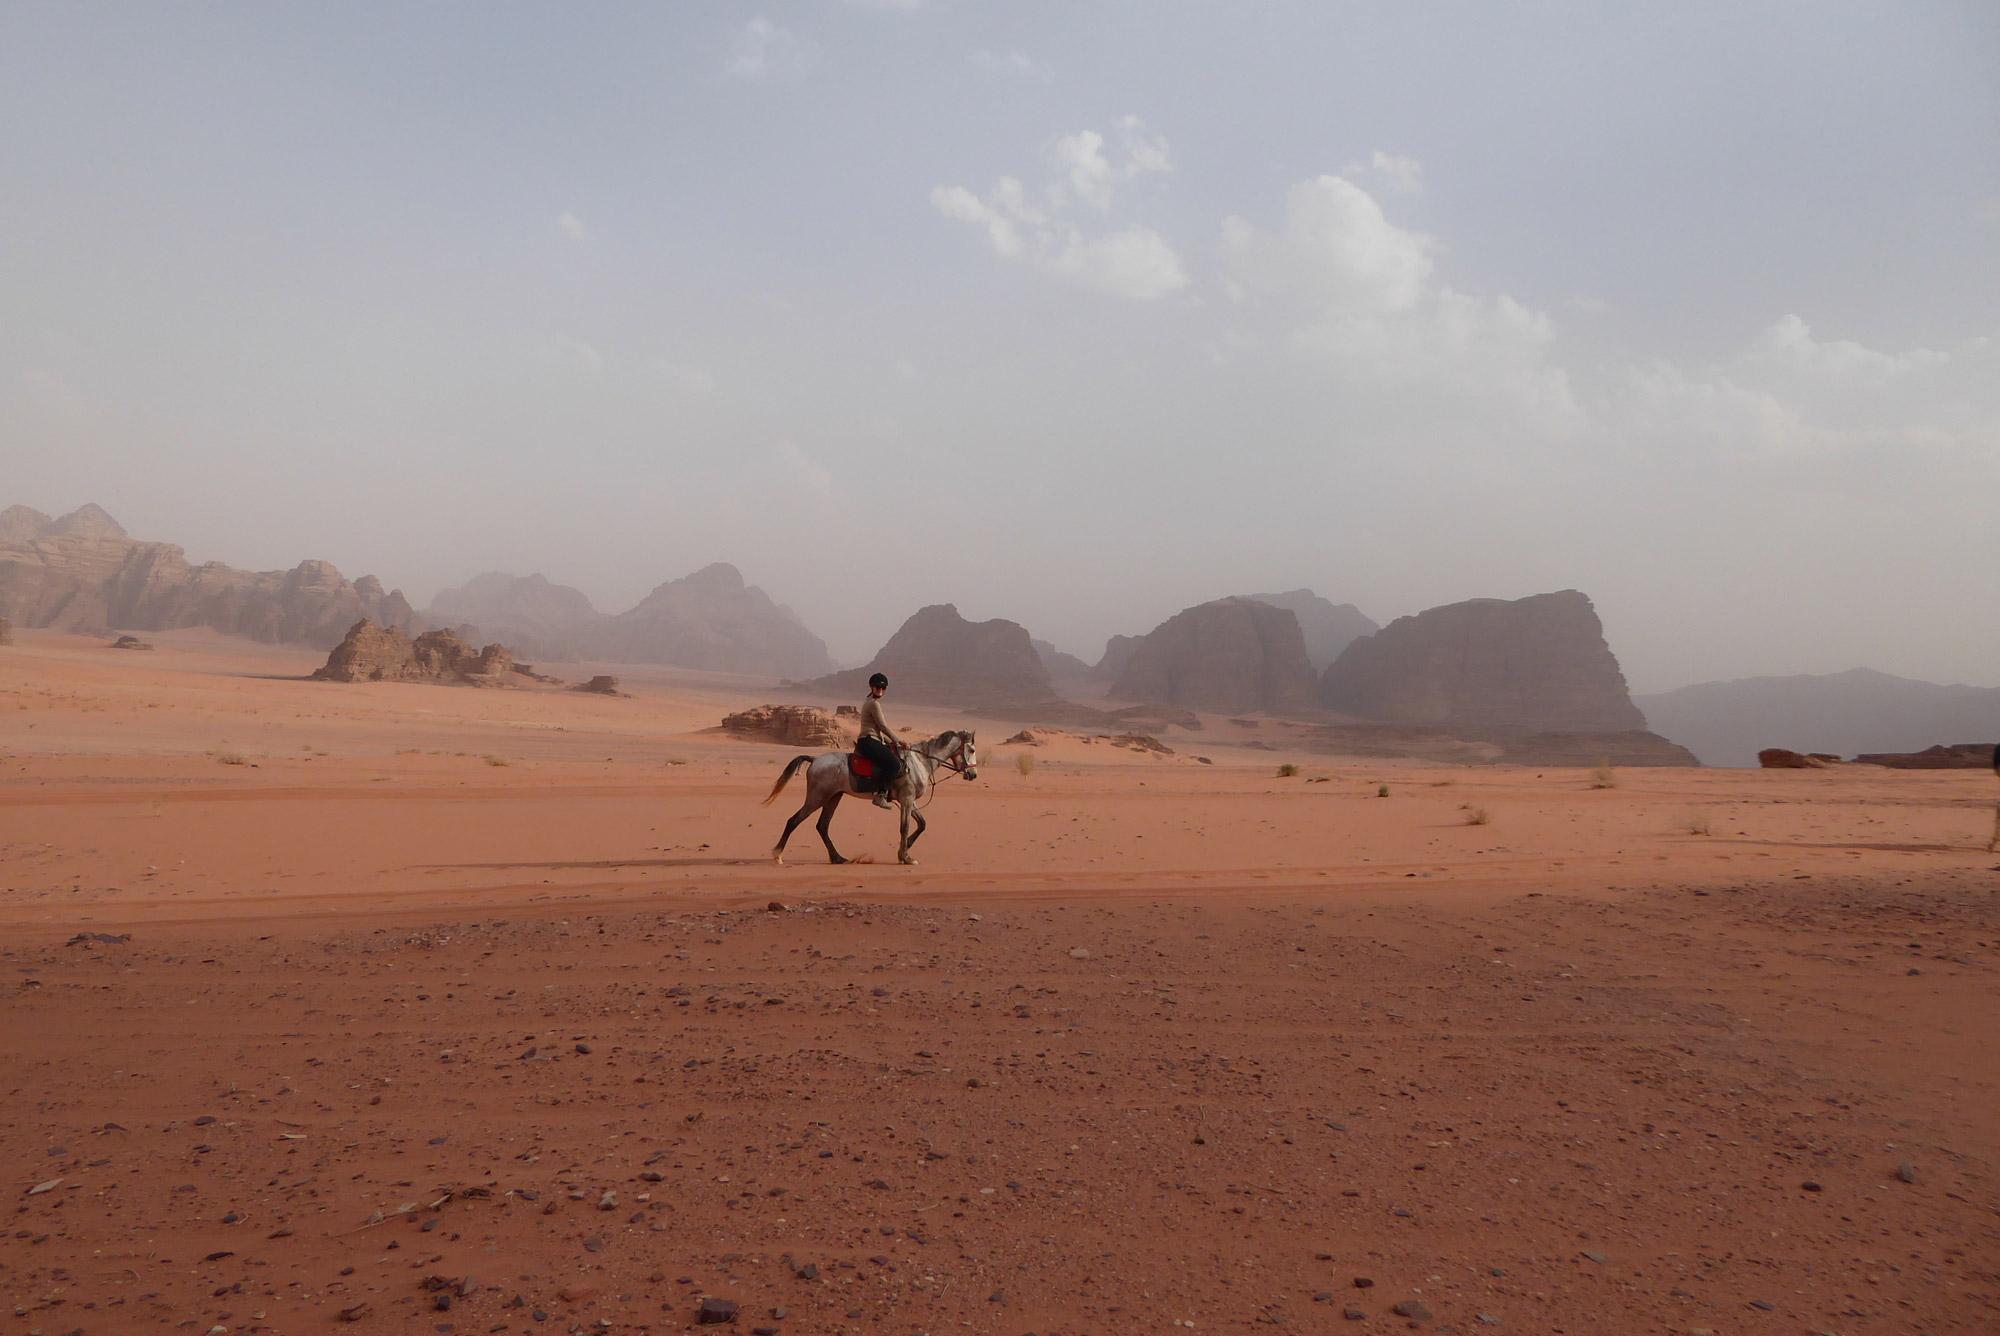 Anika - Jordanië - Wadi Rum